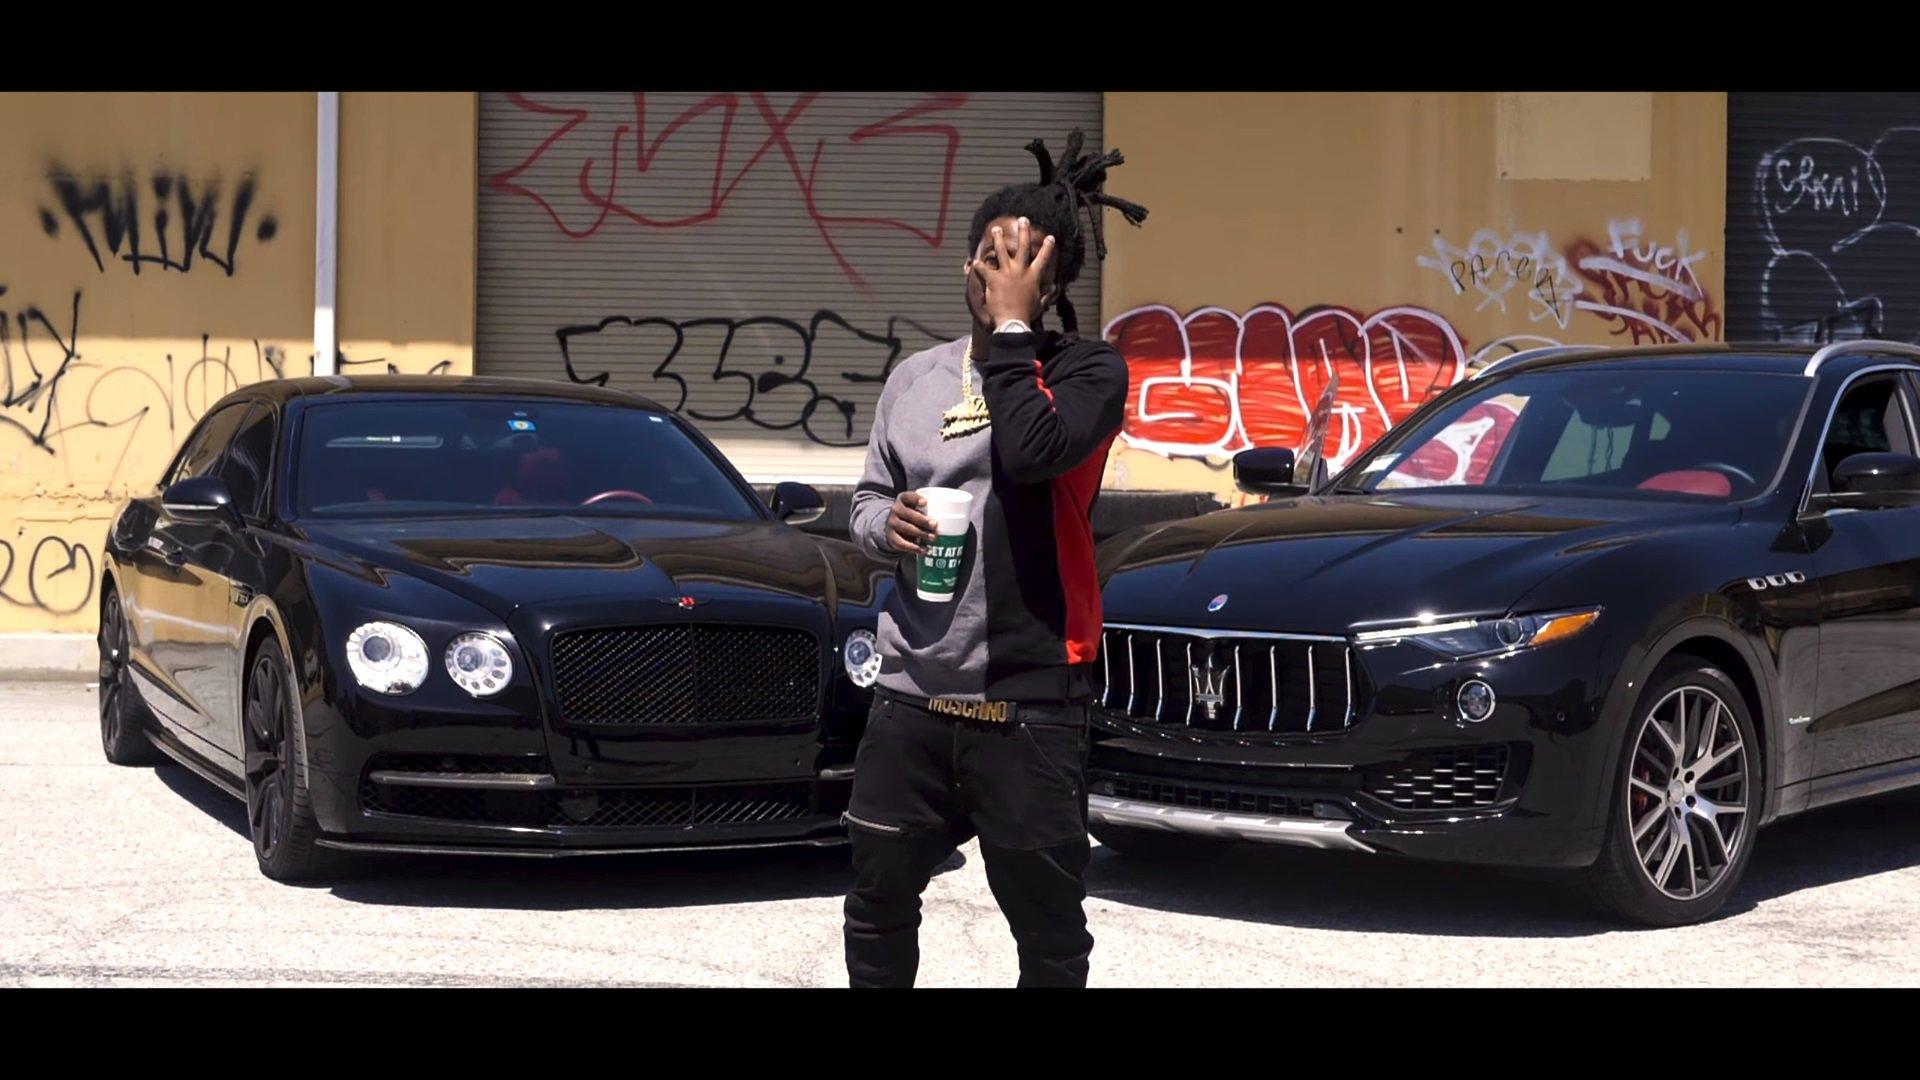 Money @MozzyThaMotive earns some respect in his music video, 'Do It for Dooterz' https://t.co/f77RJ02F12 https://t.co/AfPAENpR7g